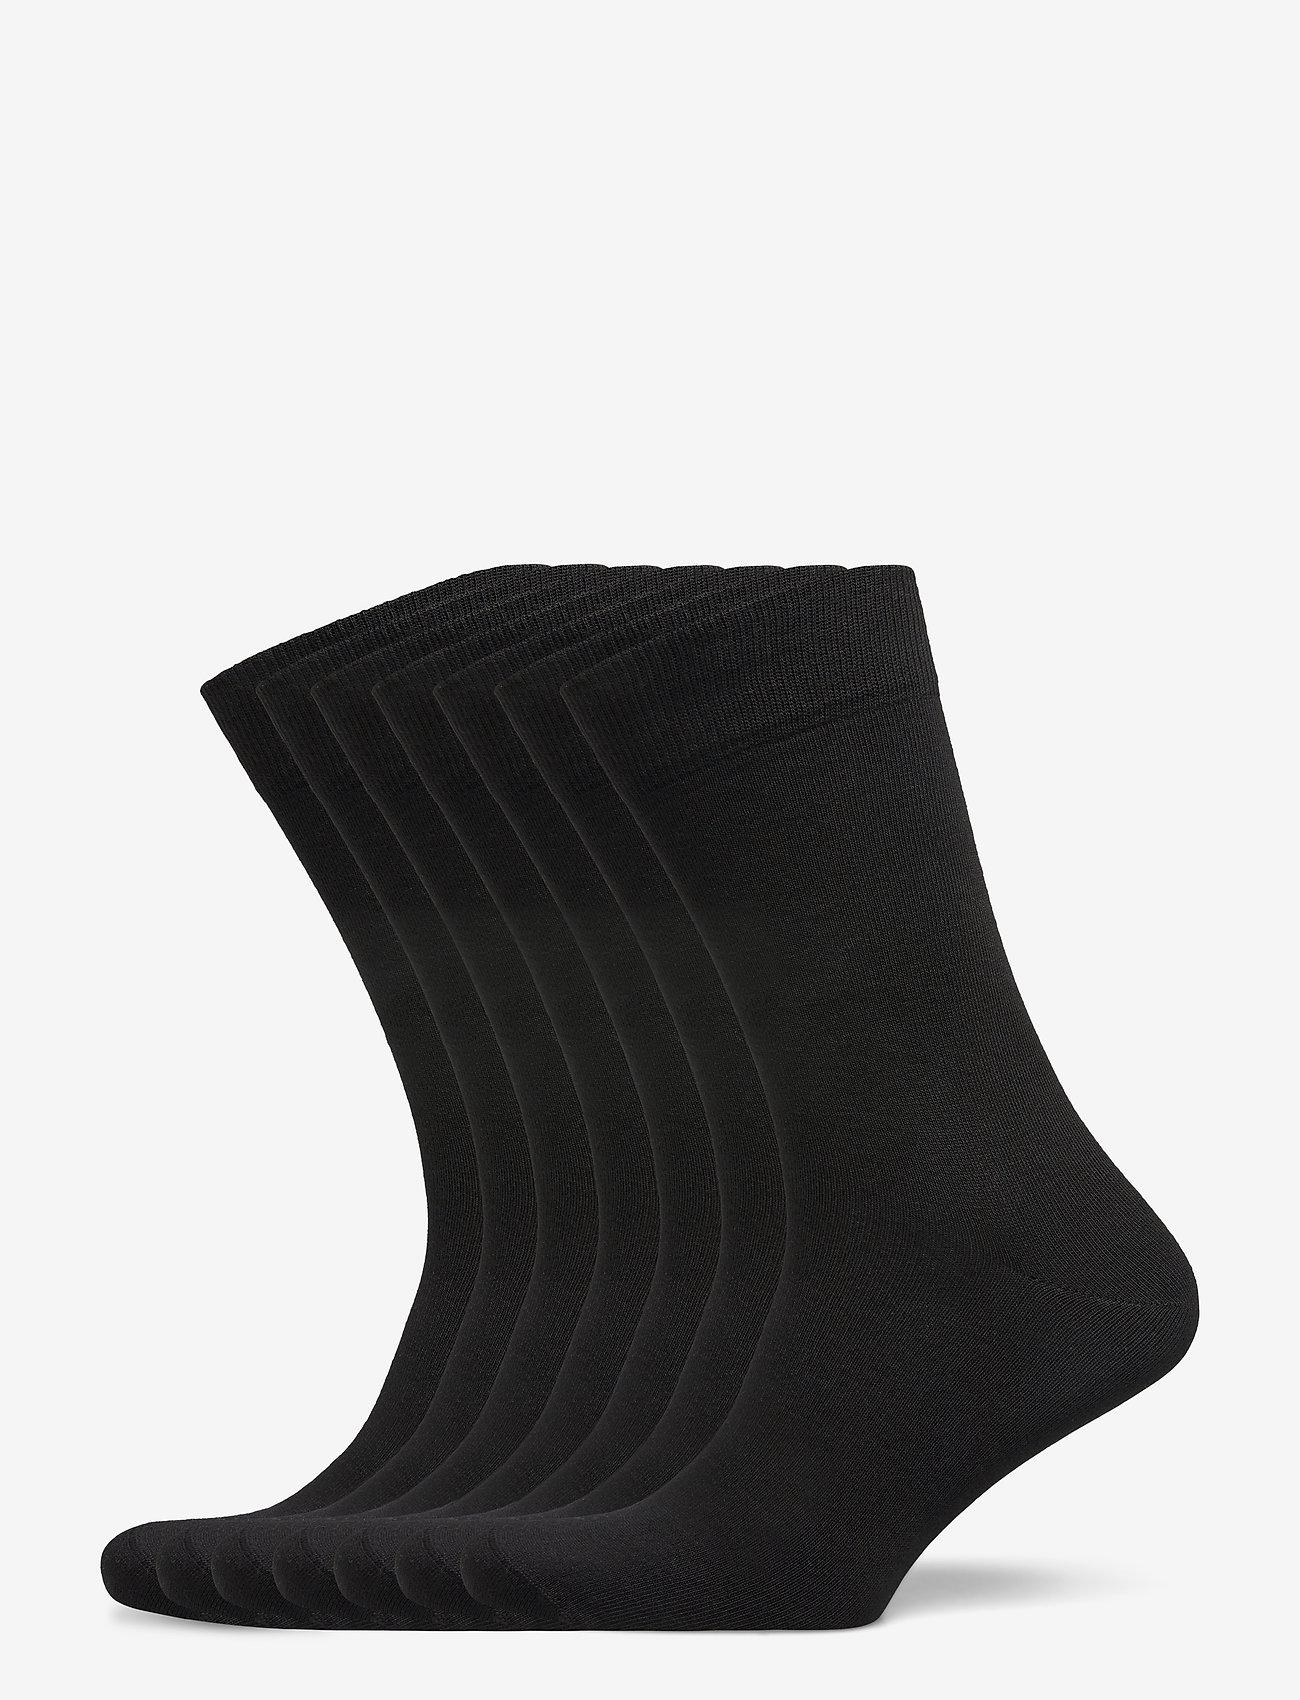 Claudio - Claudio socks 7-pack - chaussettes régulières - svart - 0